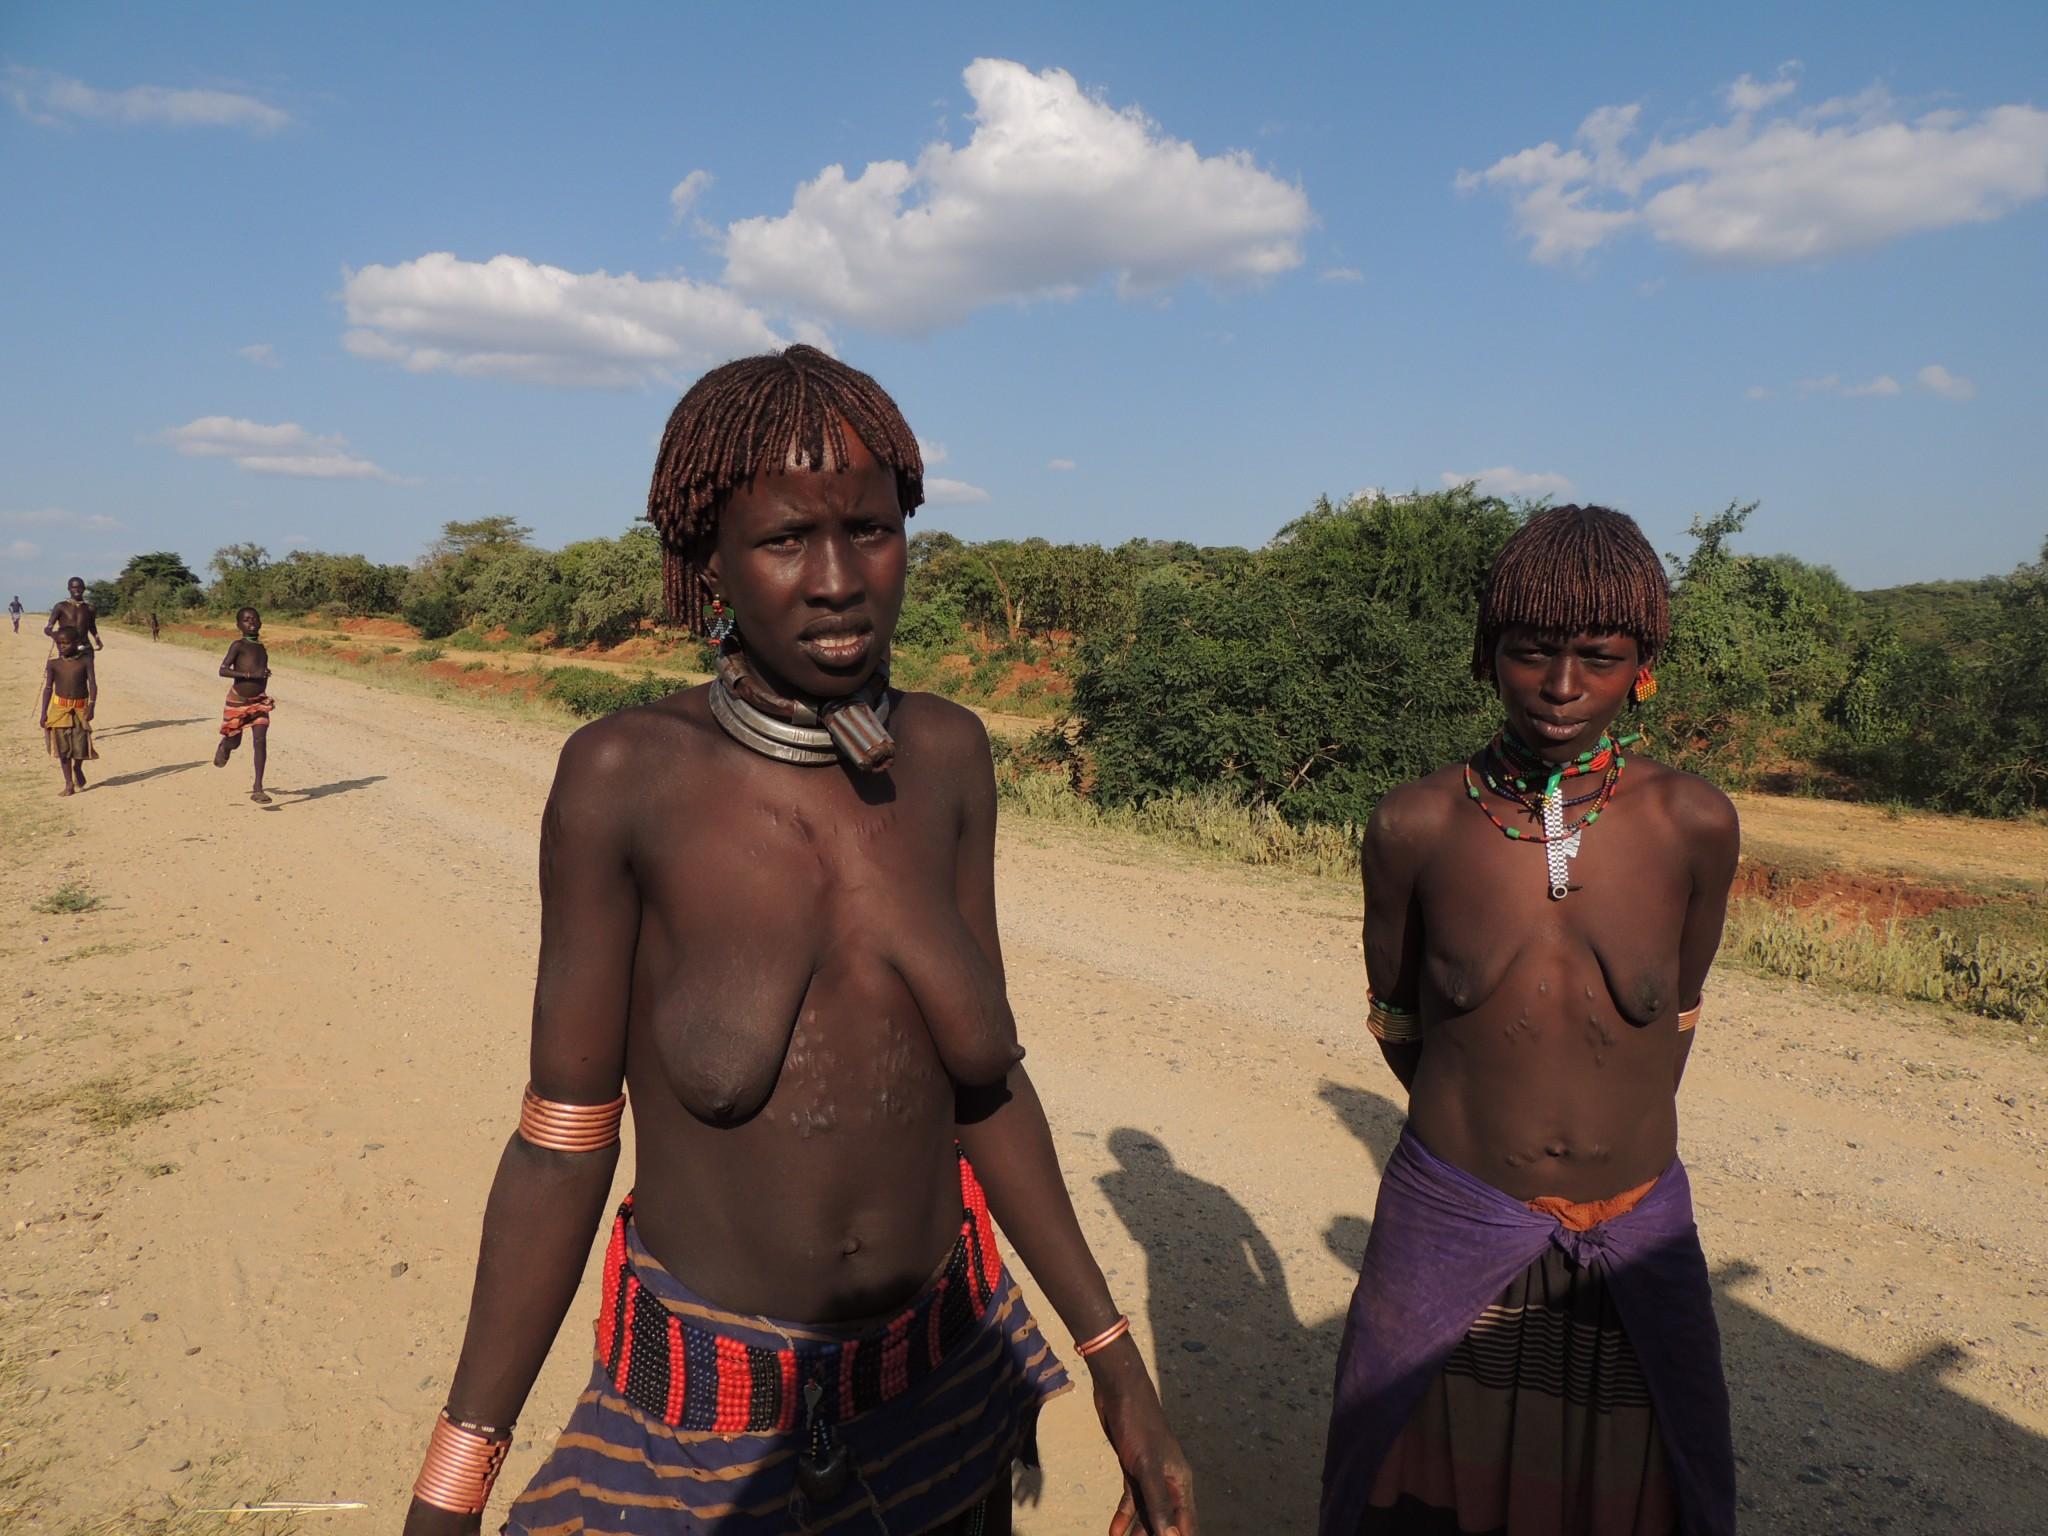 Groepsreis Ethiopië, een land met cultuur, natuur en unieke volkeren3